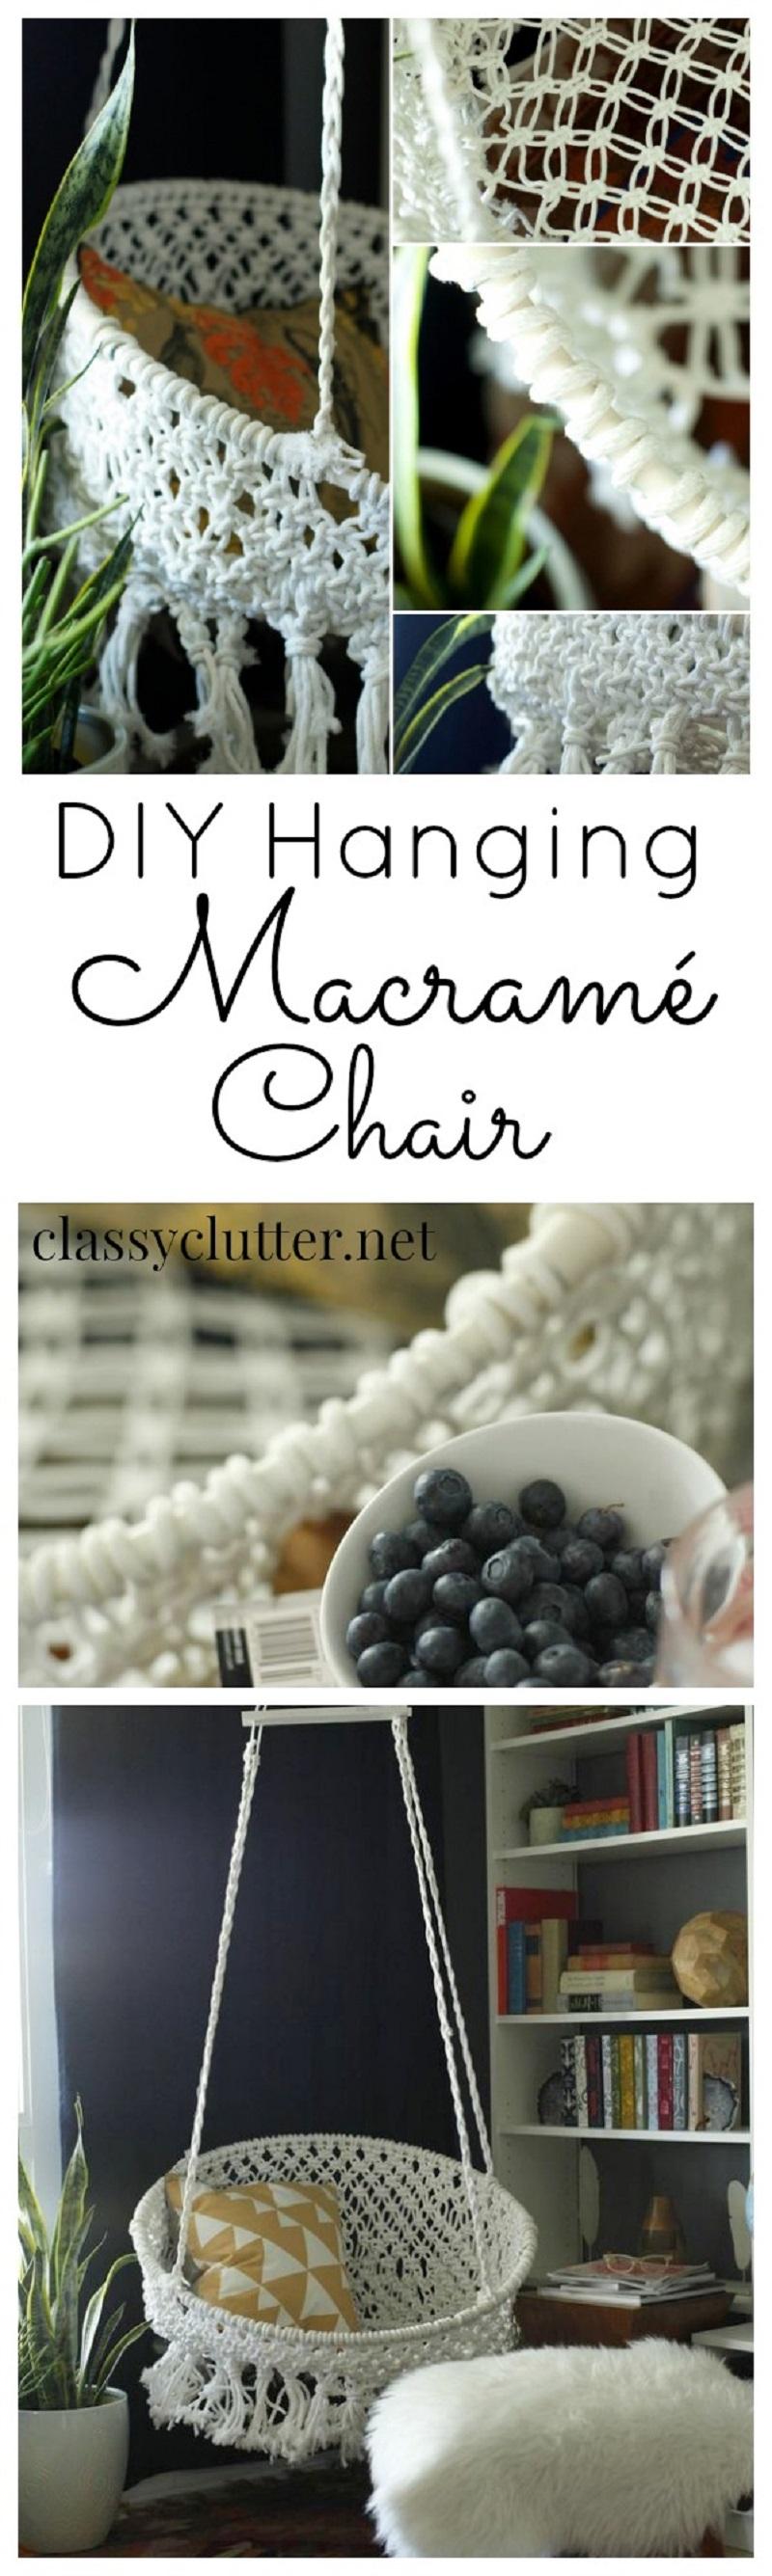 Diy-hanging-macrame-chair